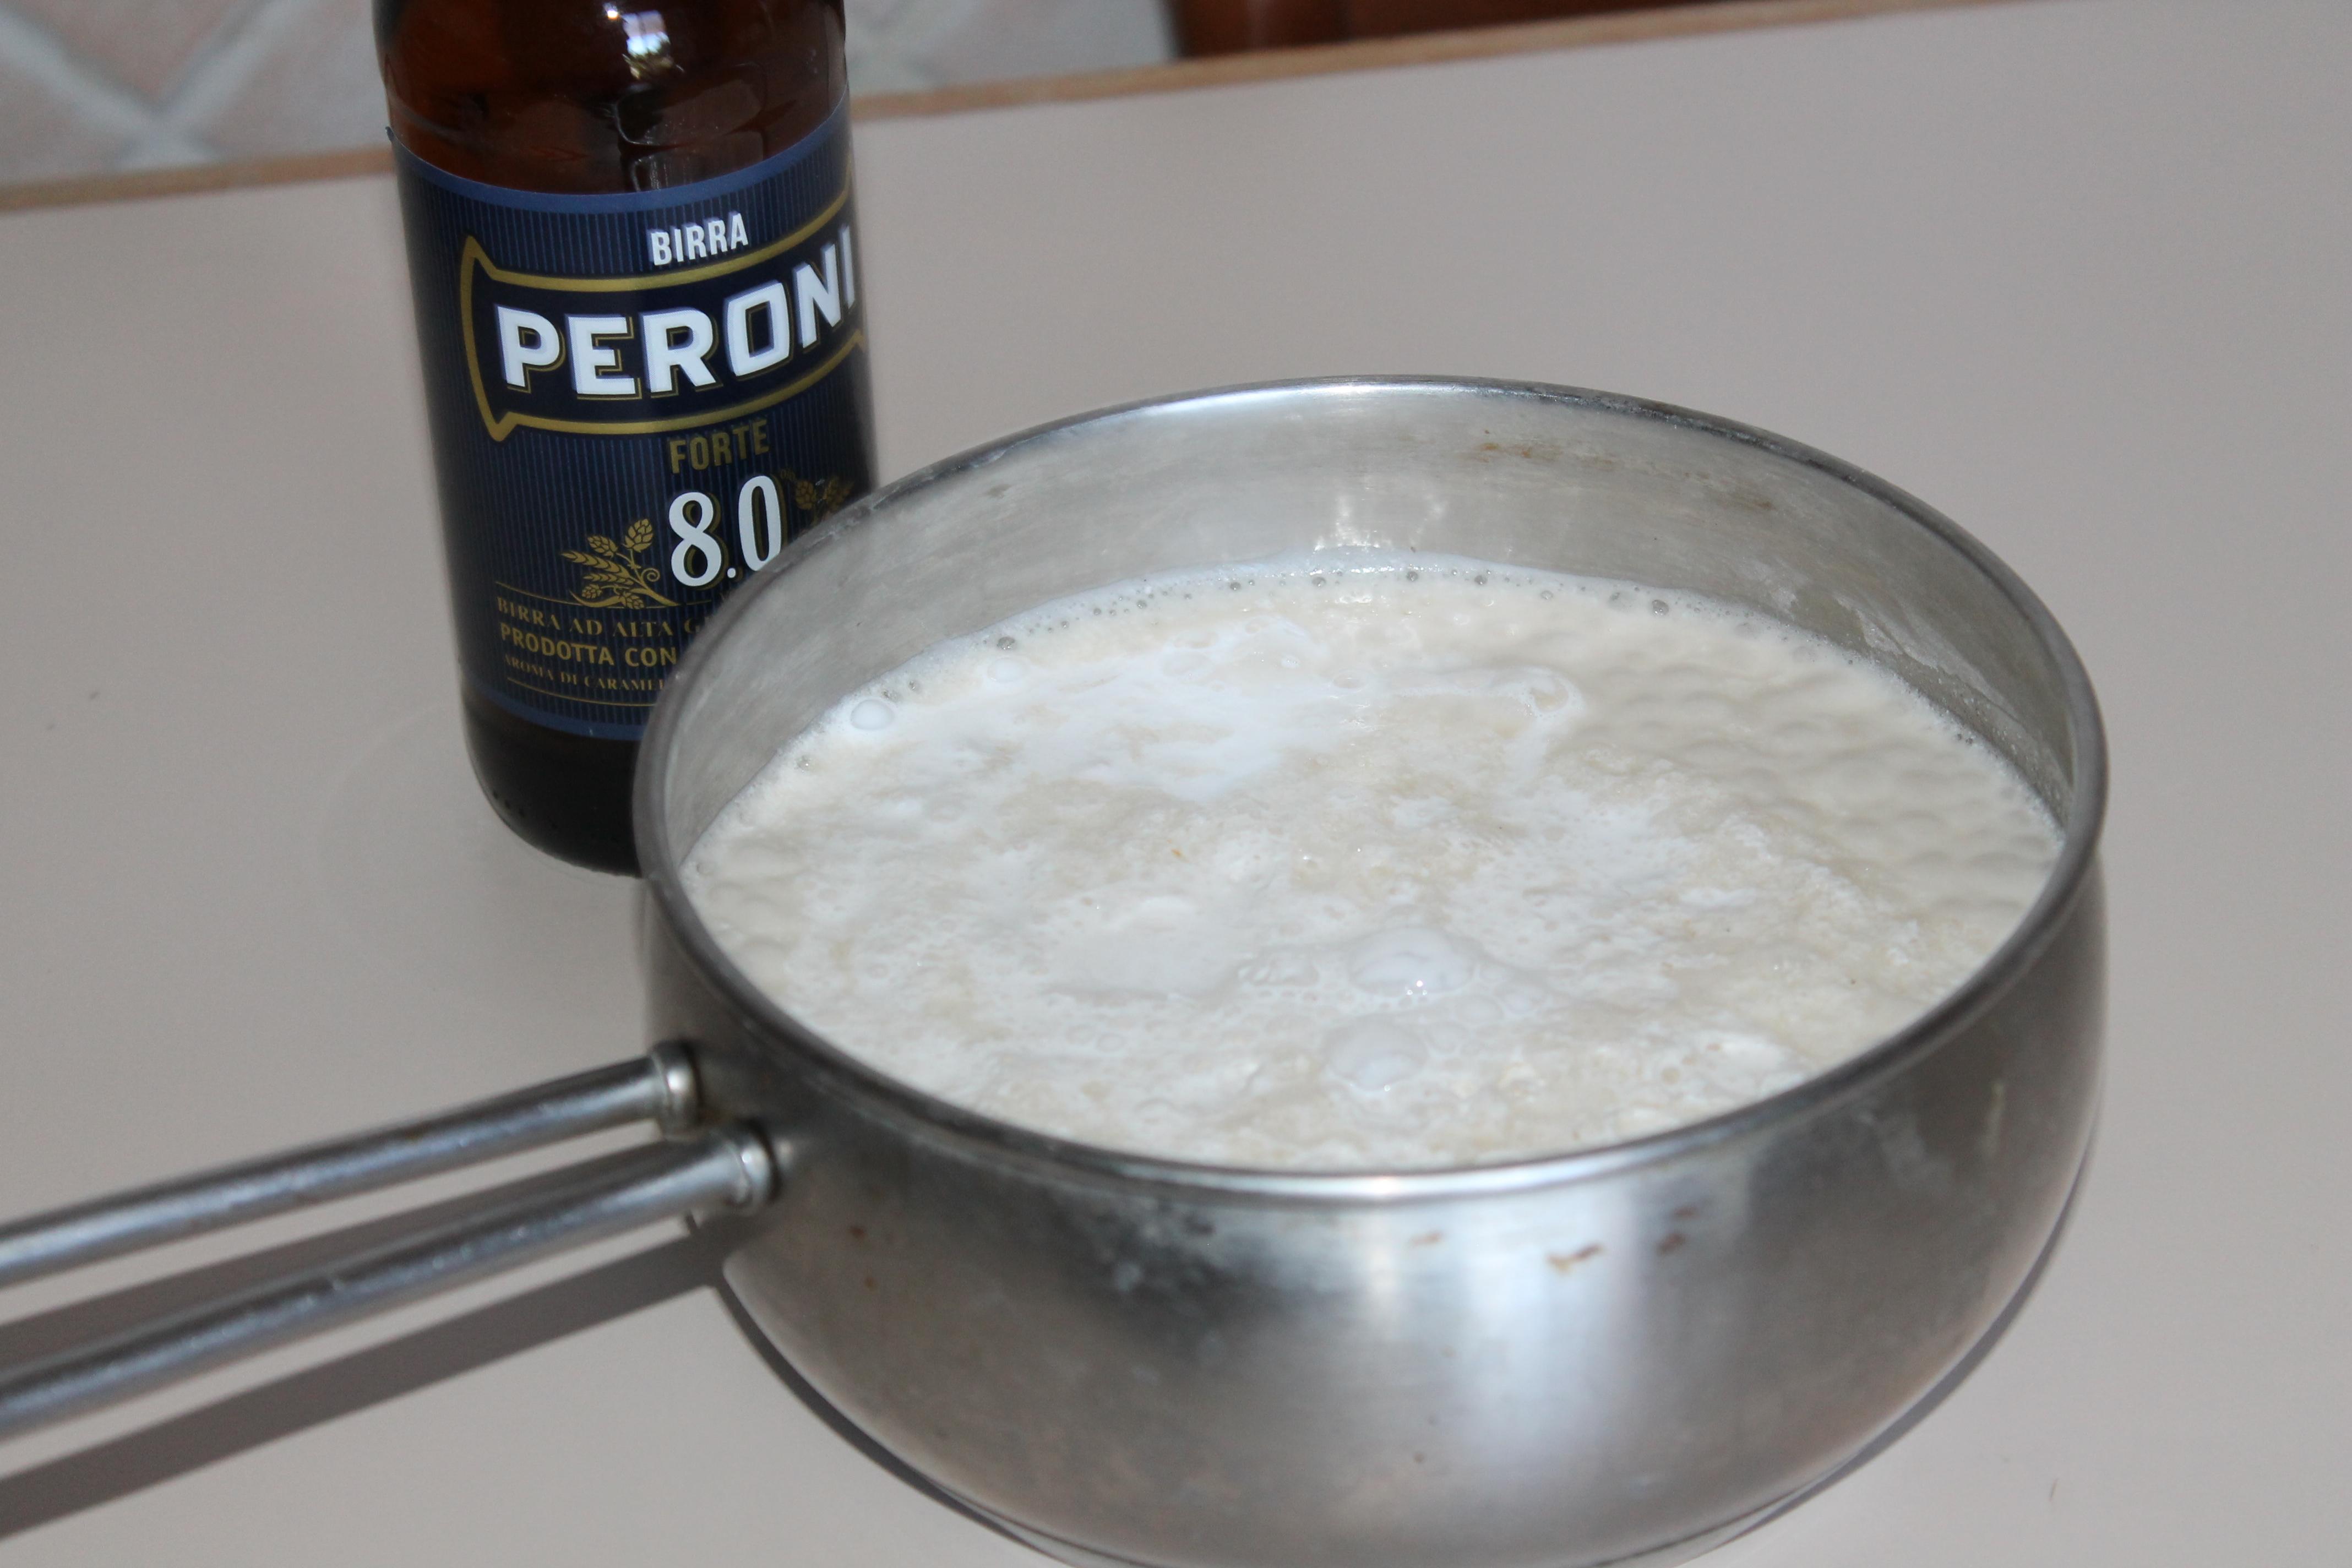 Panna cotta alla birra